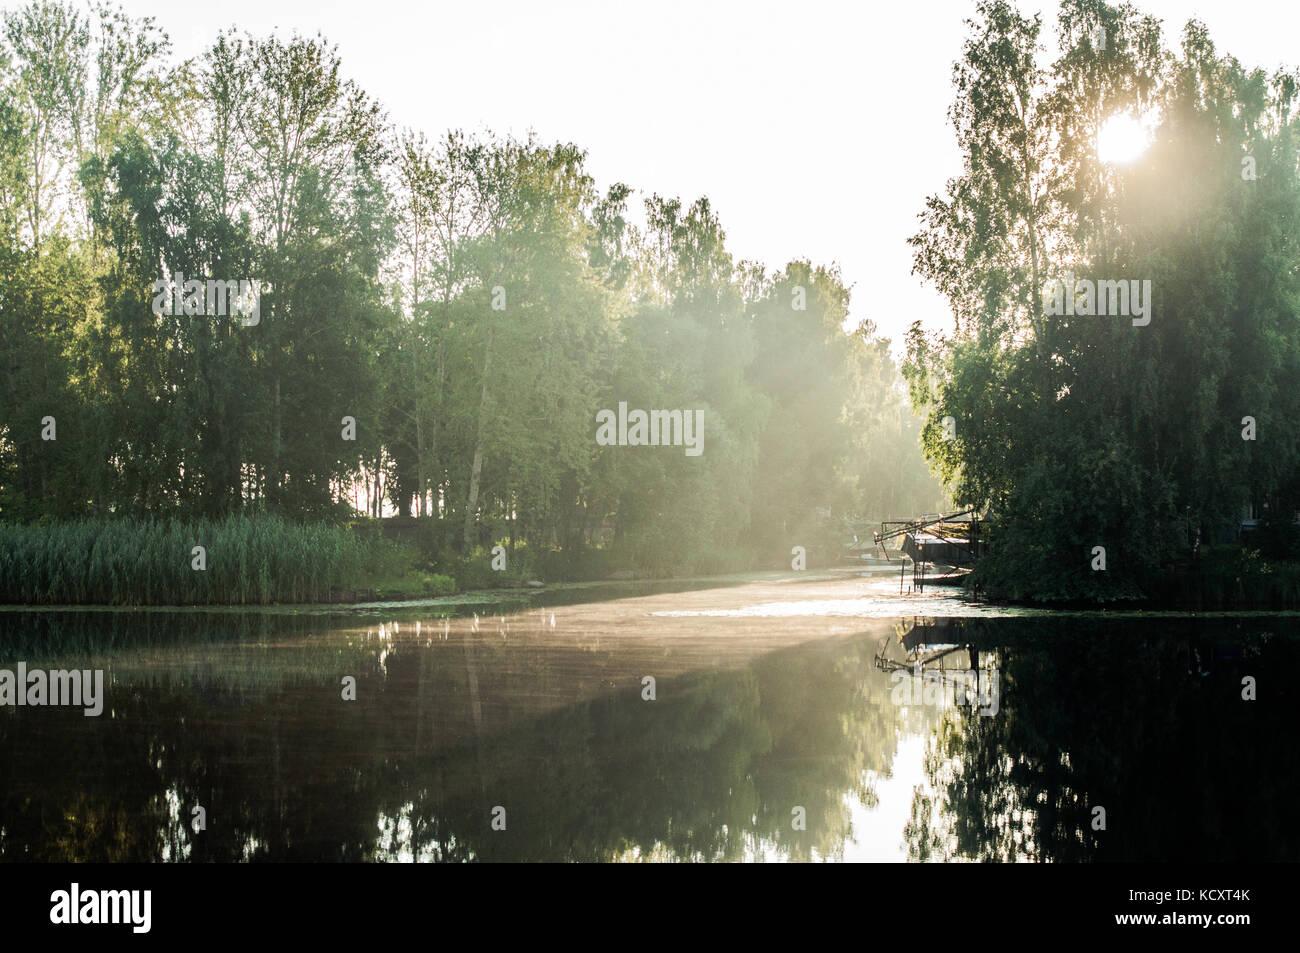 Los rayos del sol a través de ramas de abedul. Reflexiones sobre la superficie del río. Little Harbour. Imagen De Stock